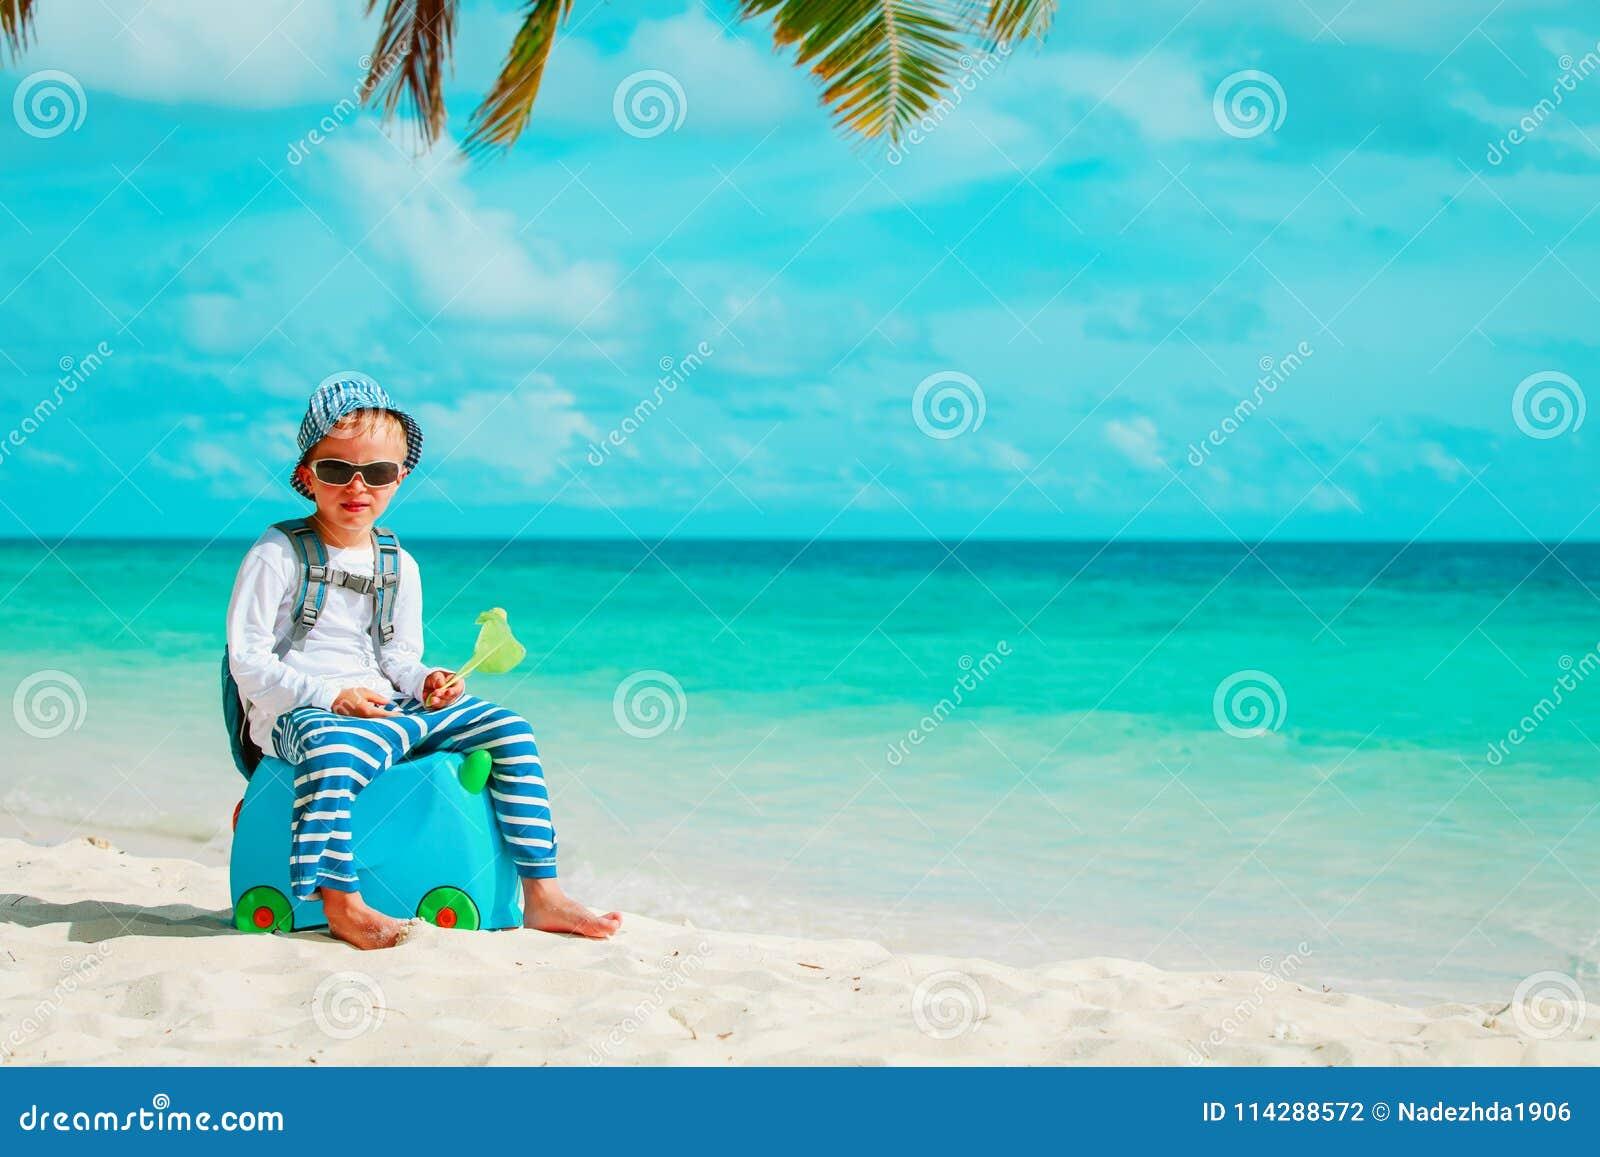 Reise des kleinen Jungen auf tropischem Strand